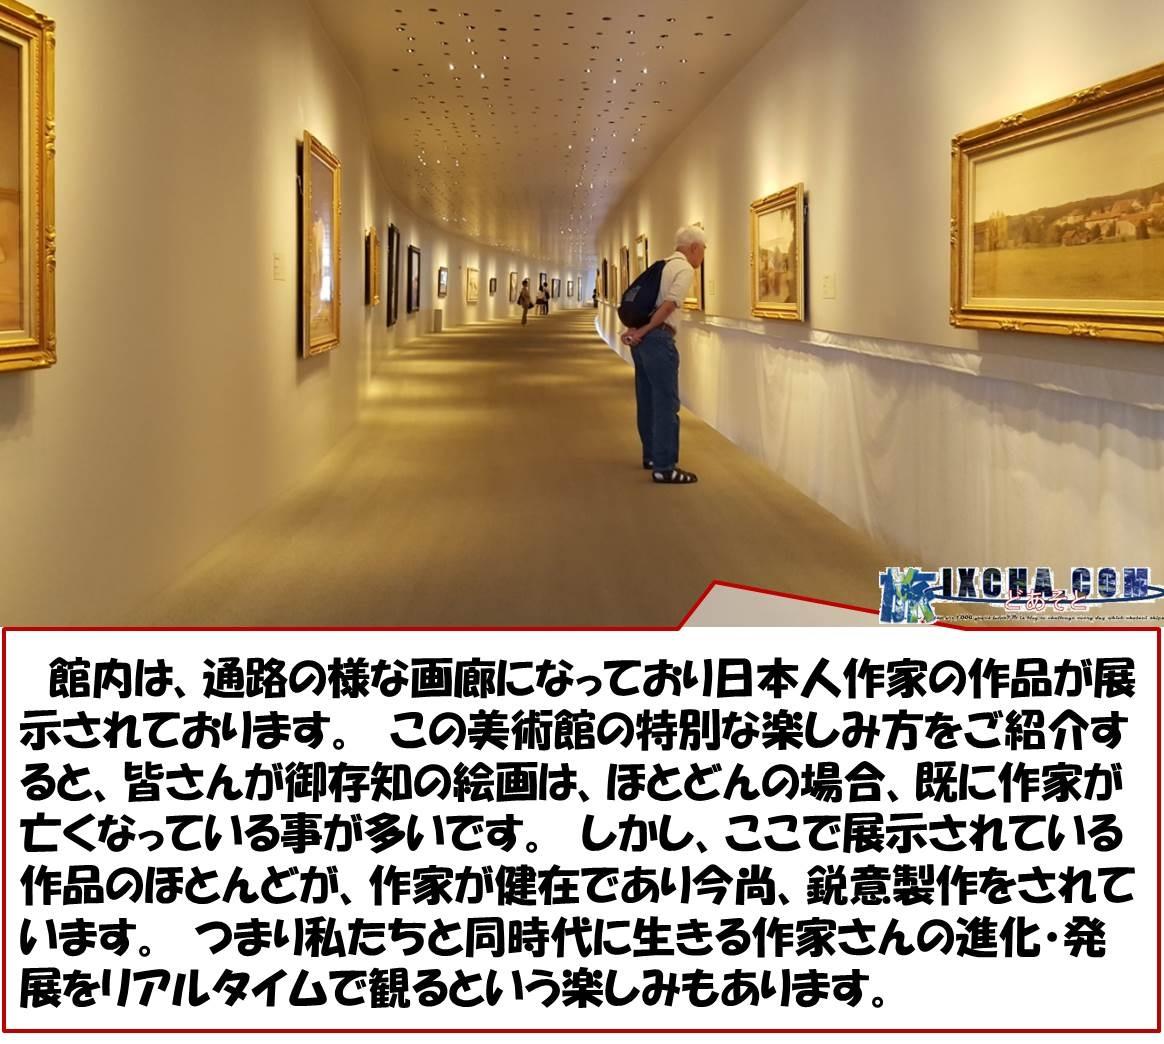 館内は、通路の様な画廊になっており日本人作家の作品が展示されております。 この美術館の特別な楽しみ方をご紹介すると、皆さんが御存知の絵画は、ほとどんの場合、既に作家が亡くなっている事が多いです。 しかし、ここで展示されている作品のほとんどが、作家が健在であり今尚、鋭意製作をされています。 つまり私たちと同時代に生きる作家さんの進化・発展をリアルタイムで観るという楽しみもあります。